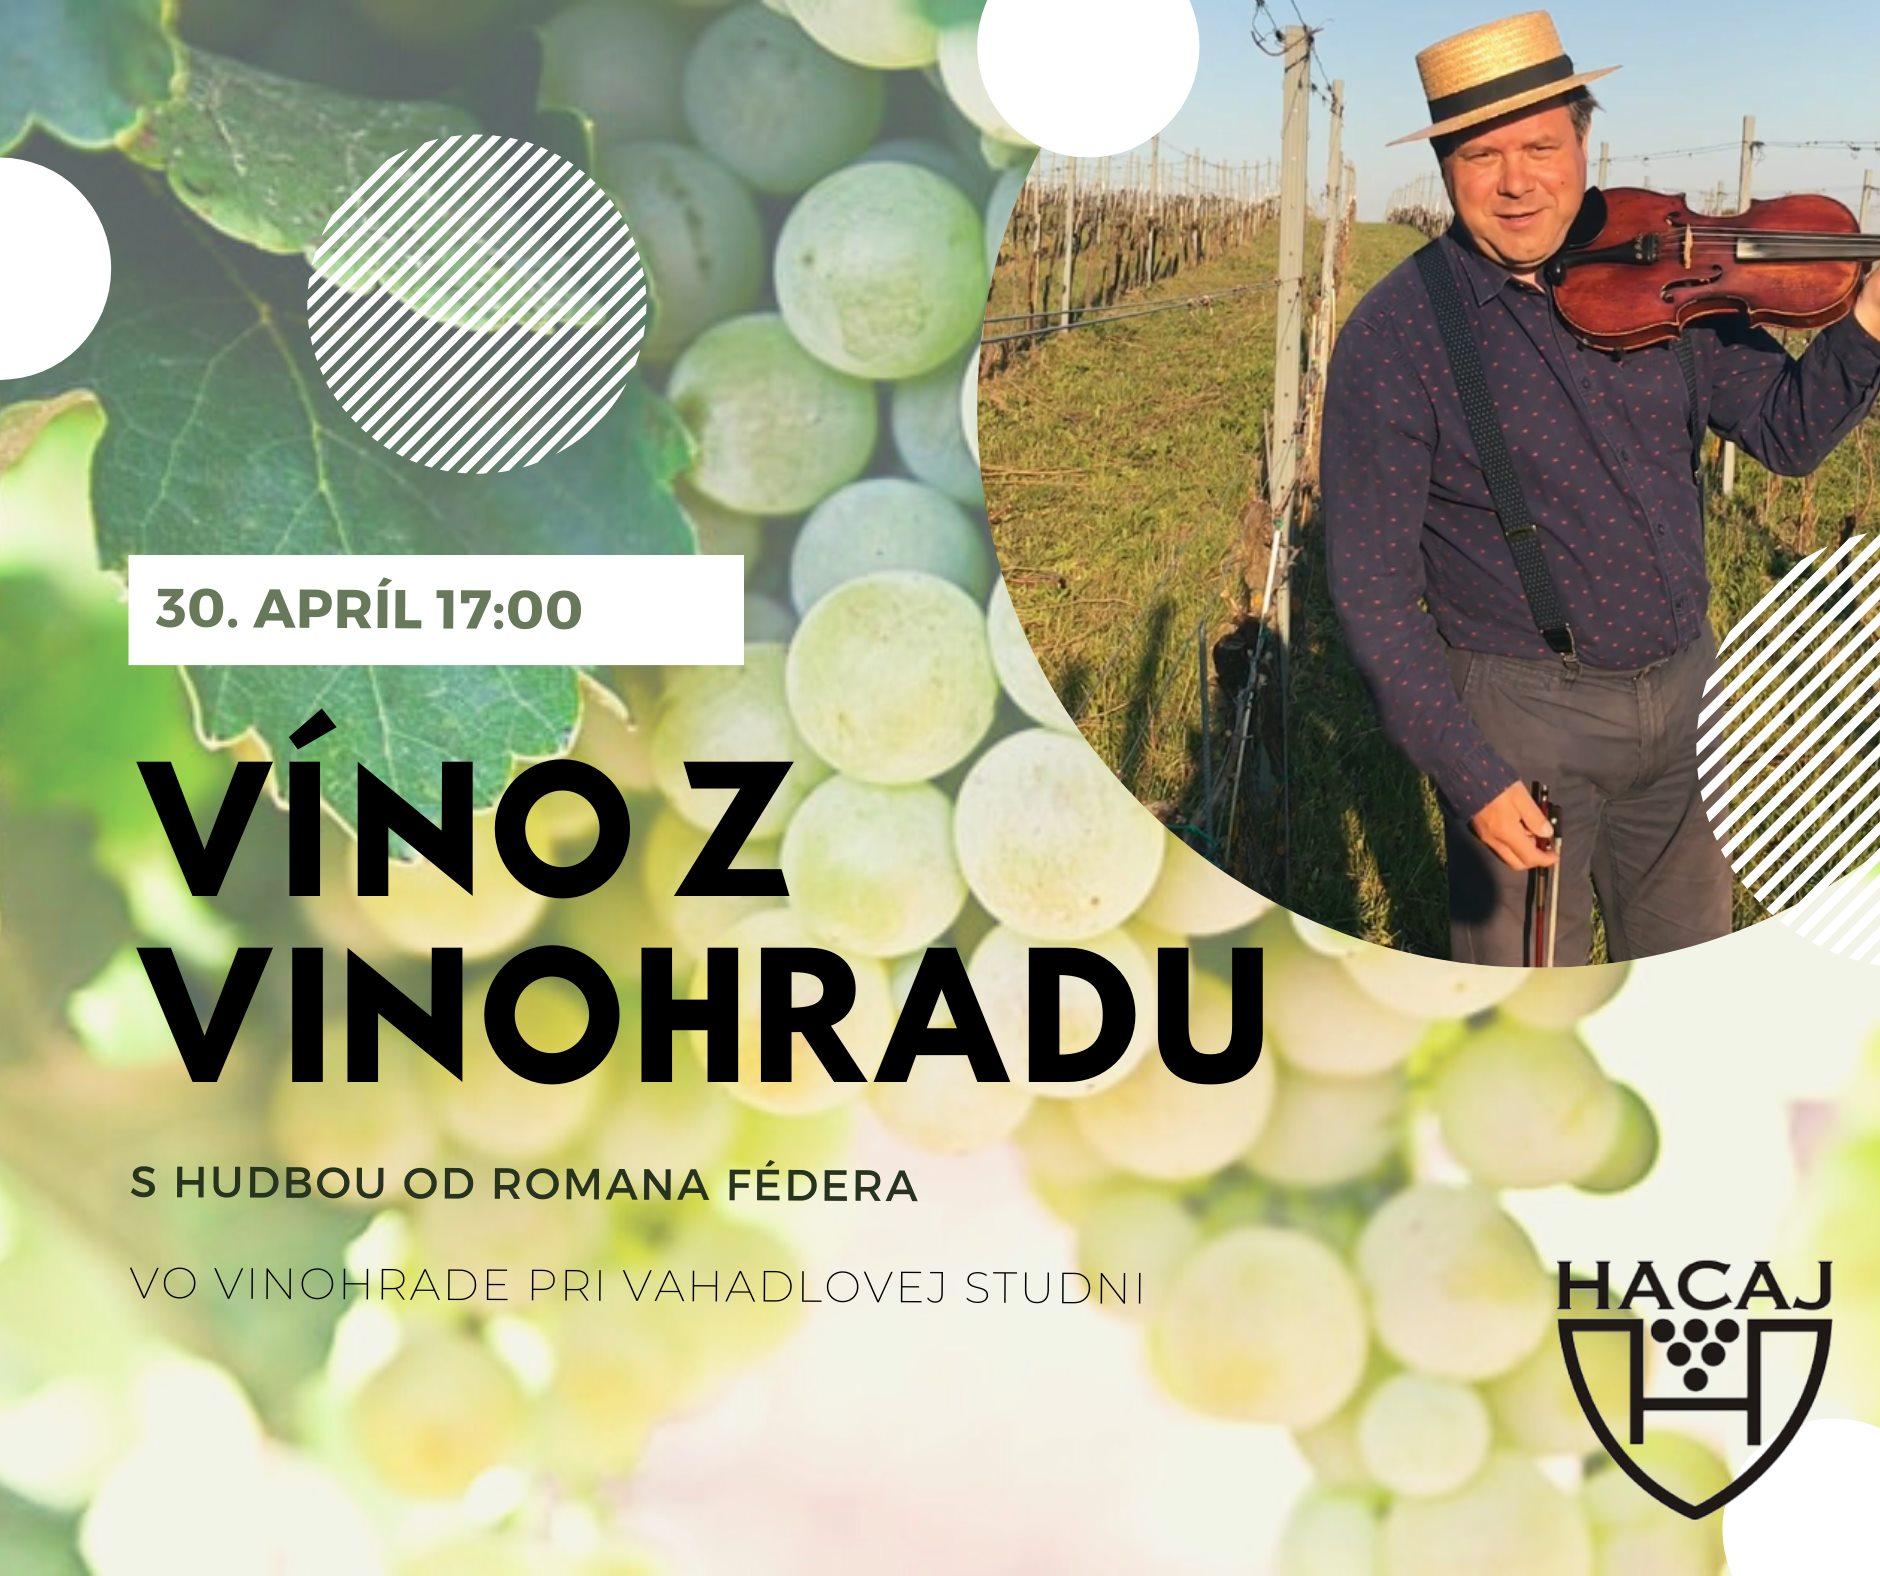 Víno z vinohradu s hudbou od Romana Fédera